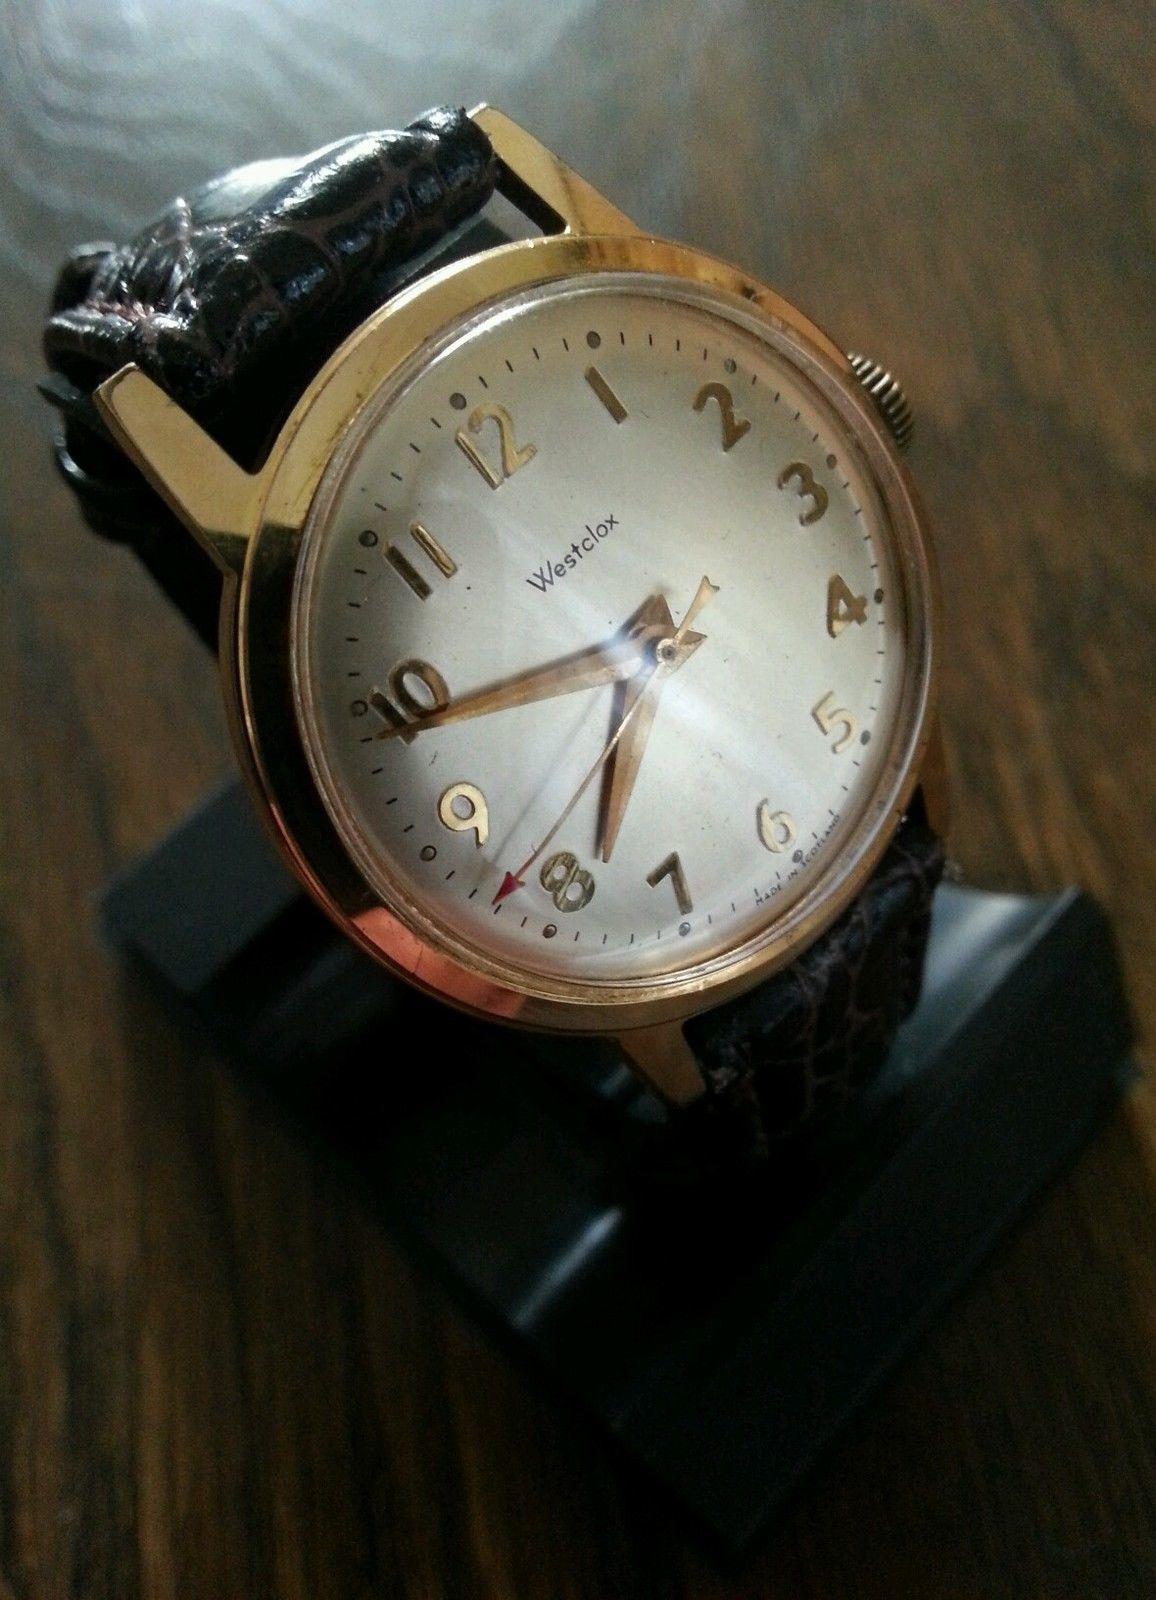 British Made Watches And Clocks And British Made Watch